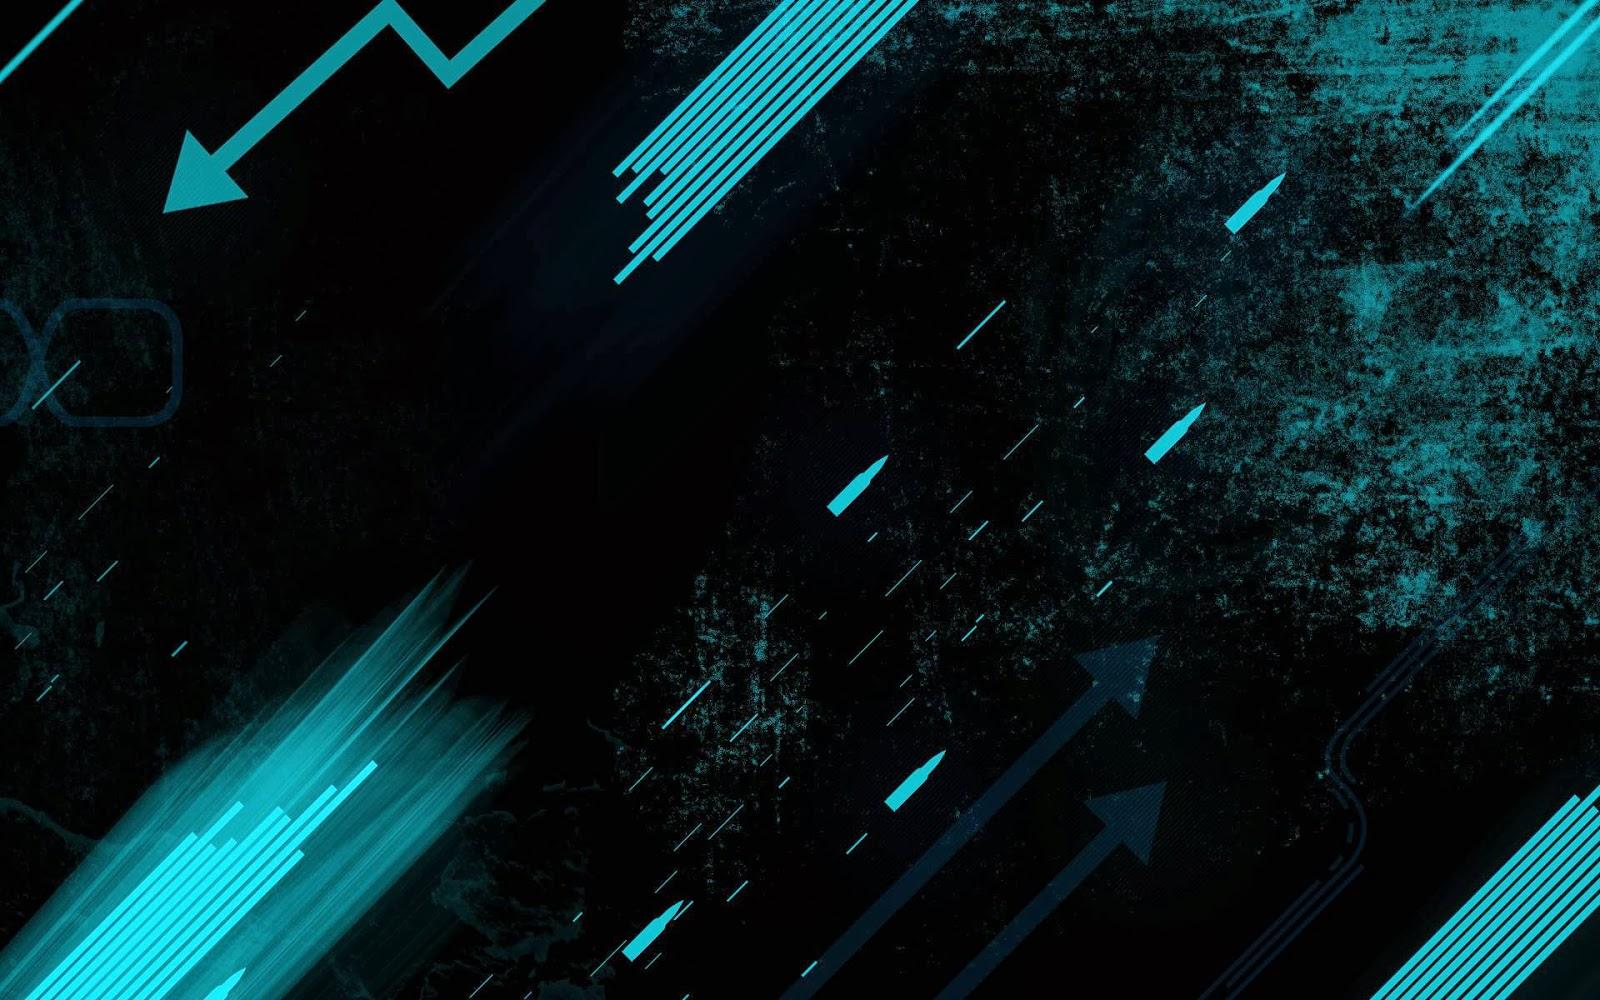 fondos de pantalla abstractos hd